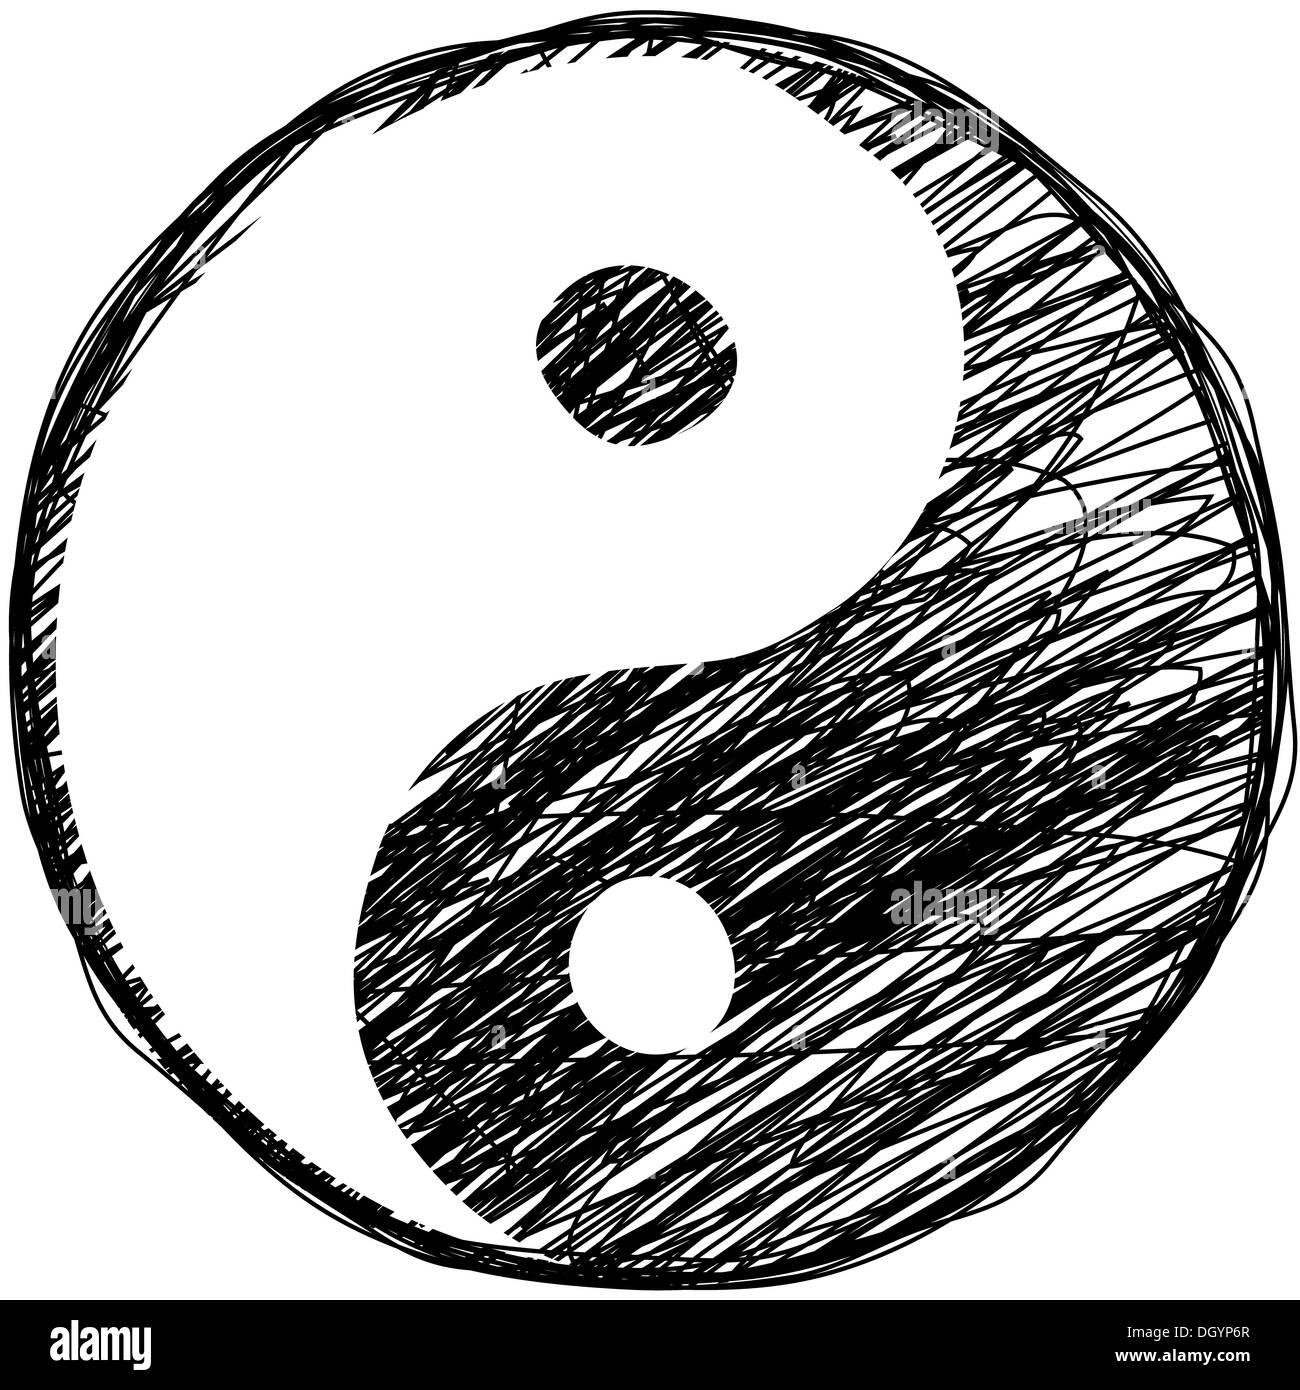 Doodle Yin Yang Symbol Stock Photo 62075743 Alamy